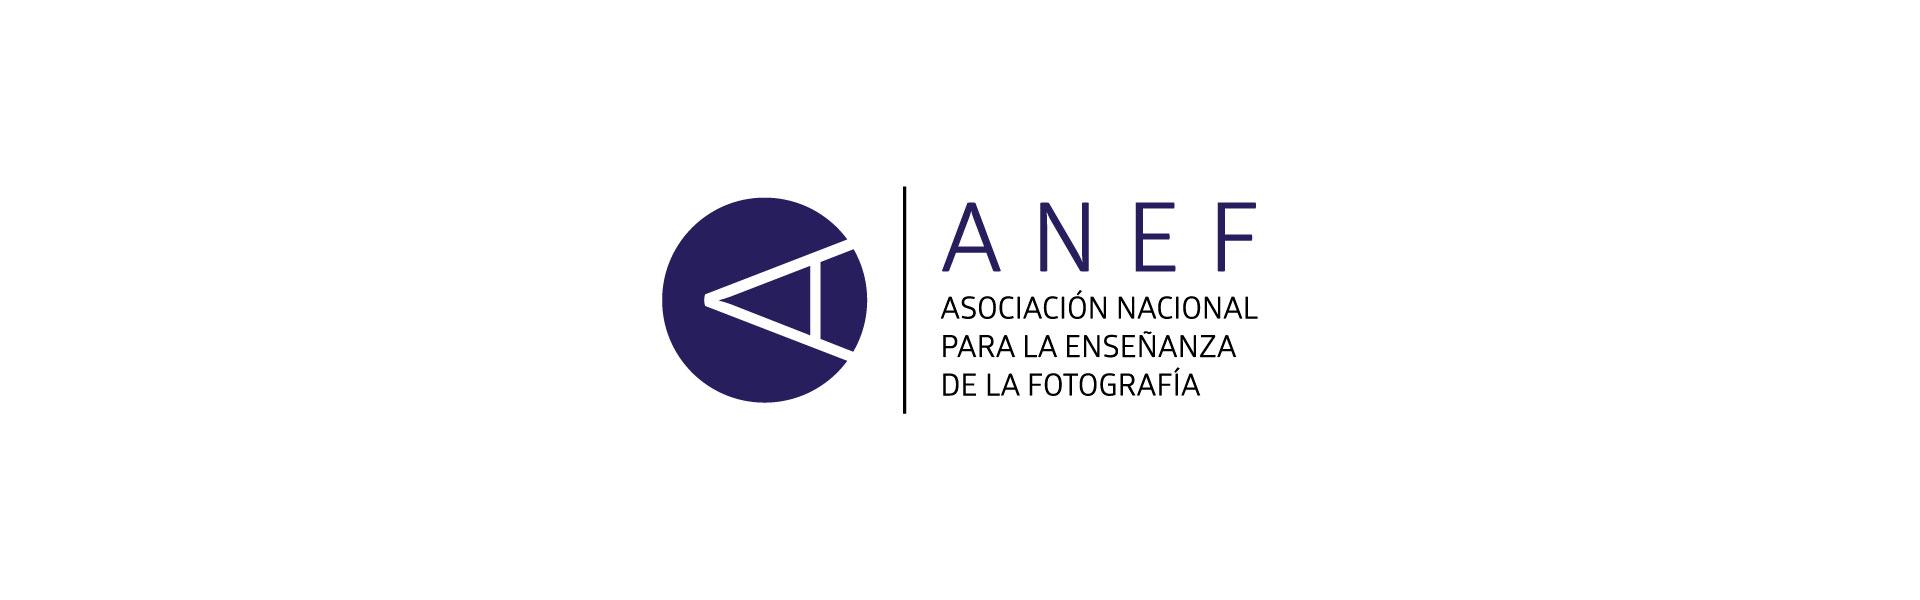 Asociación Nacional para la Enseñanza de la Fotografia